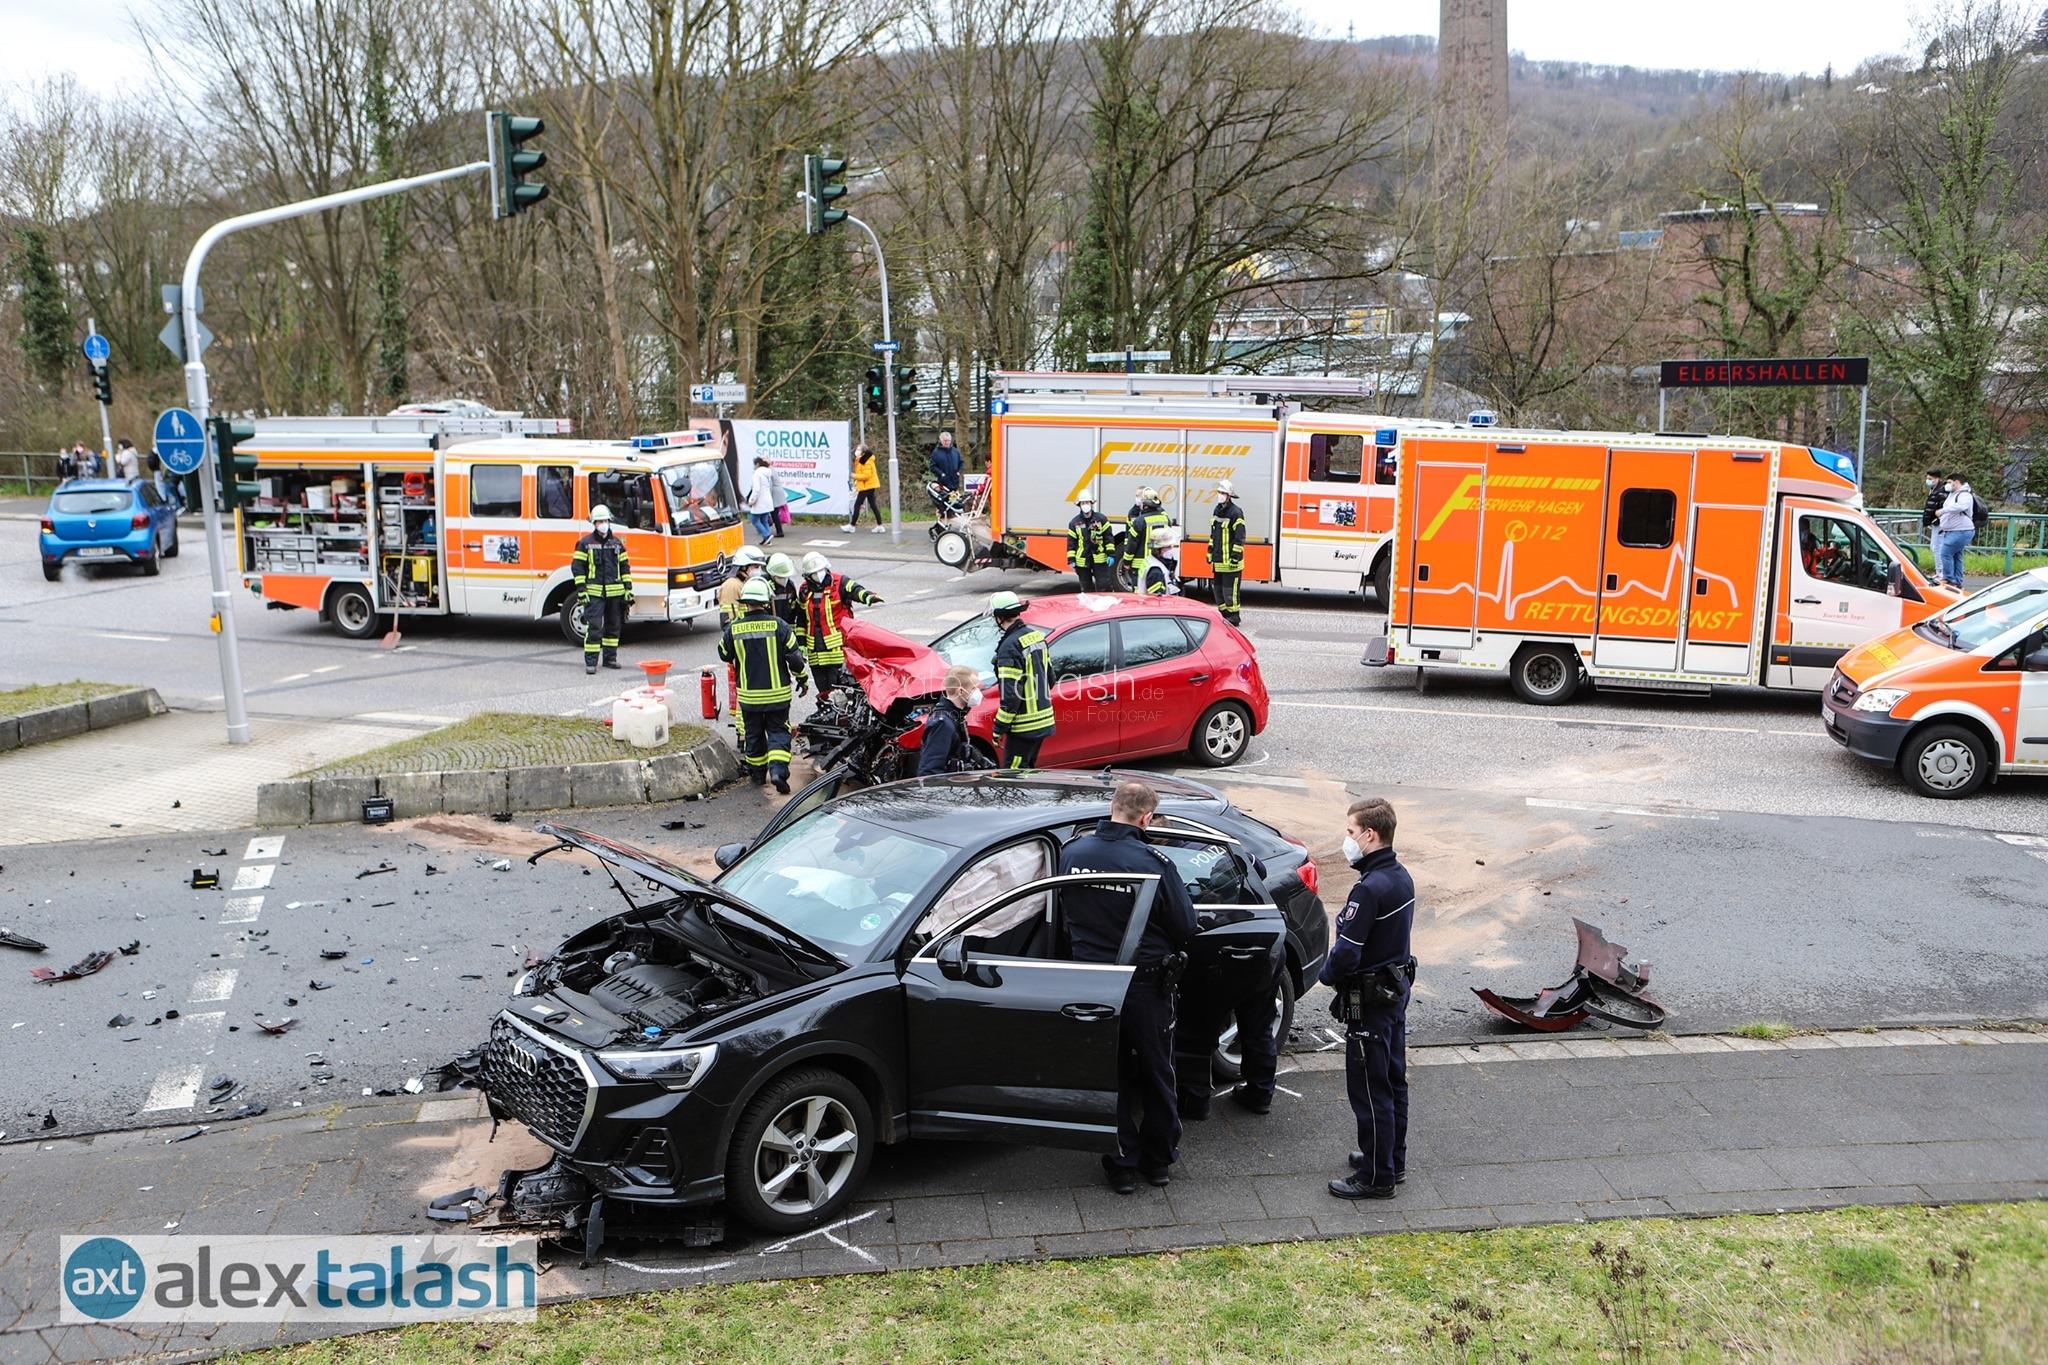 15-Jähriger liefert sich Verfolgungsjagd mit der Polizei – Illegale Spritztour endet in schwerem Verkehrsunfall